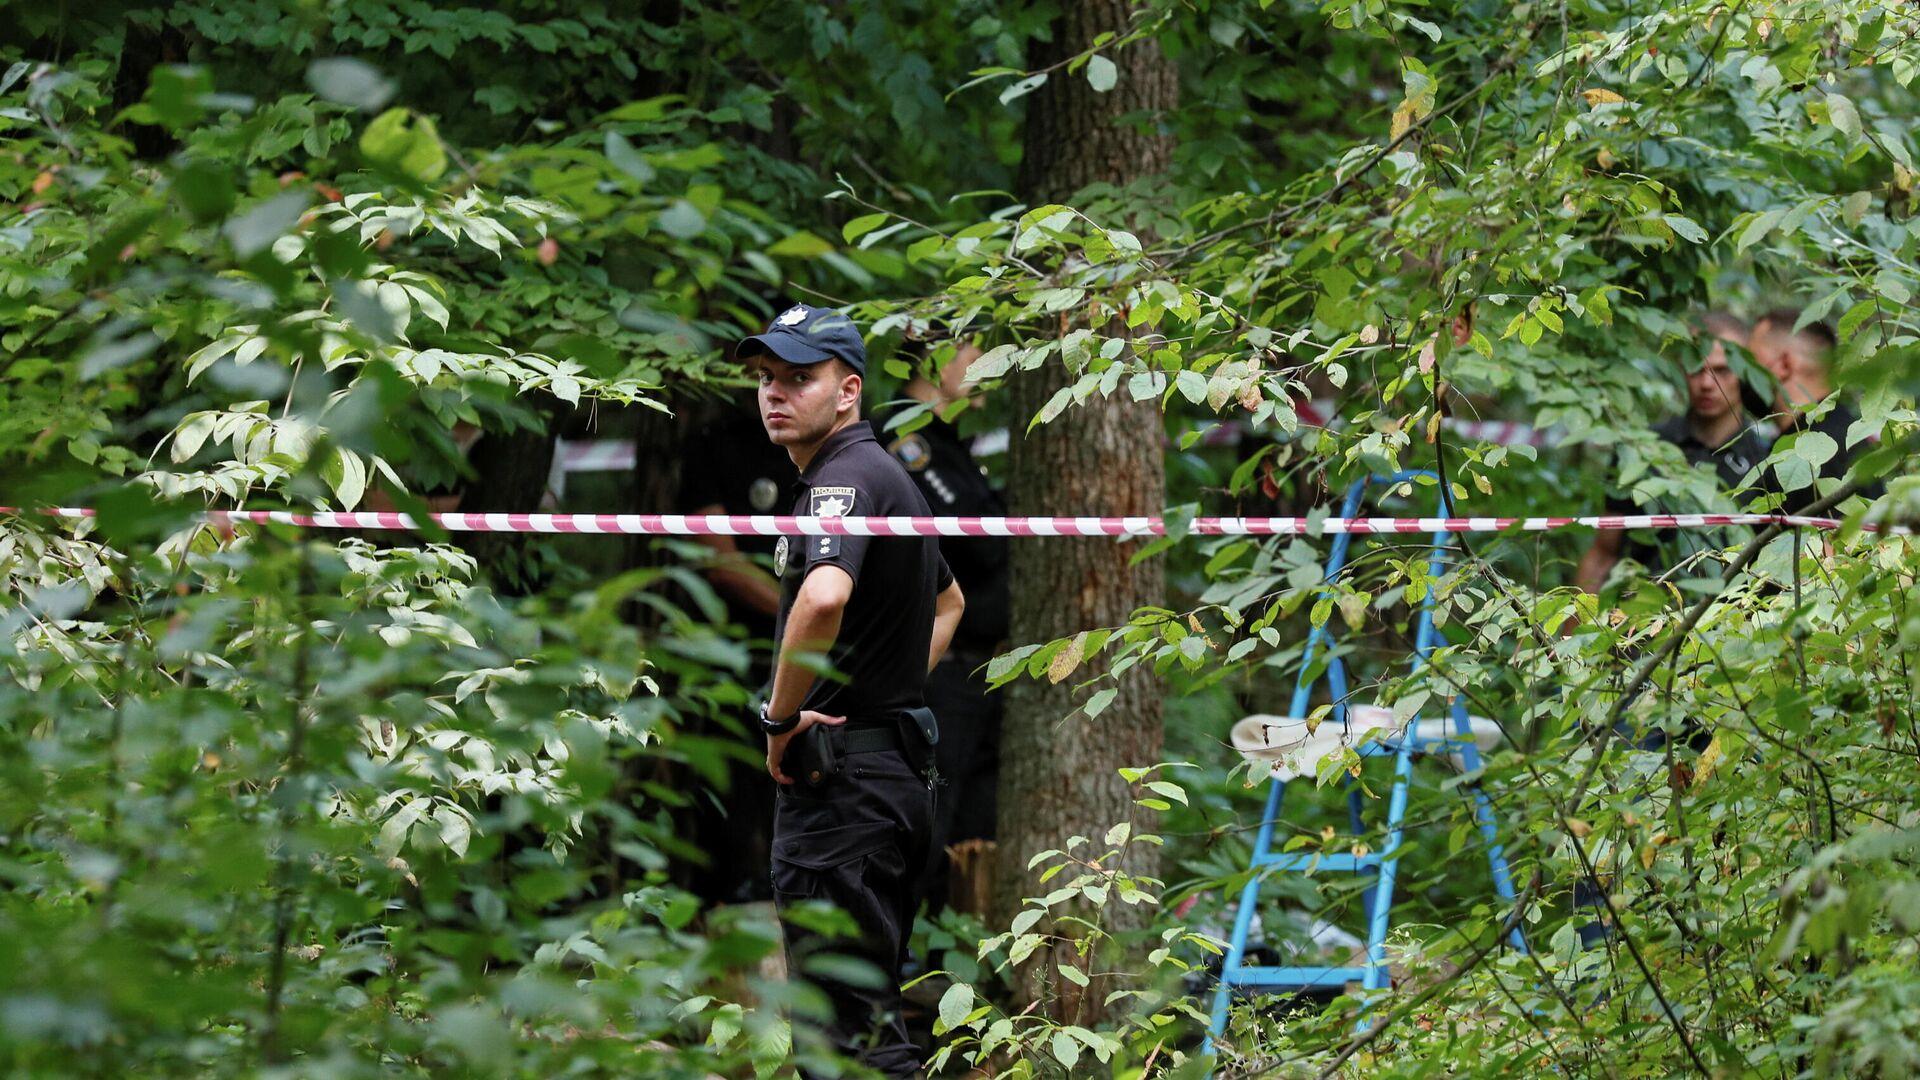 Сотрудники полиции осматривают место, где 3 августа был найден мертвым Виталий Шишов  - Sputnik Latvija, 1920, 05.08.2021